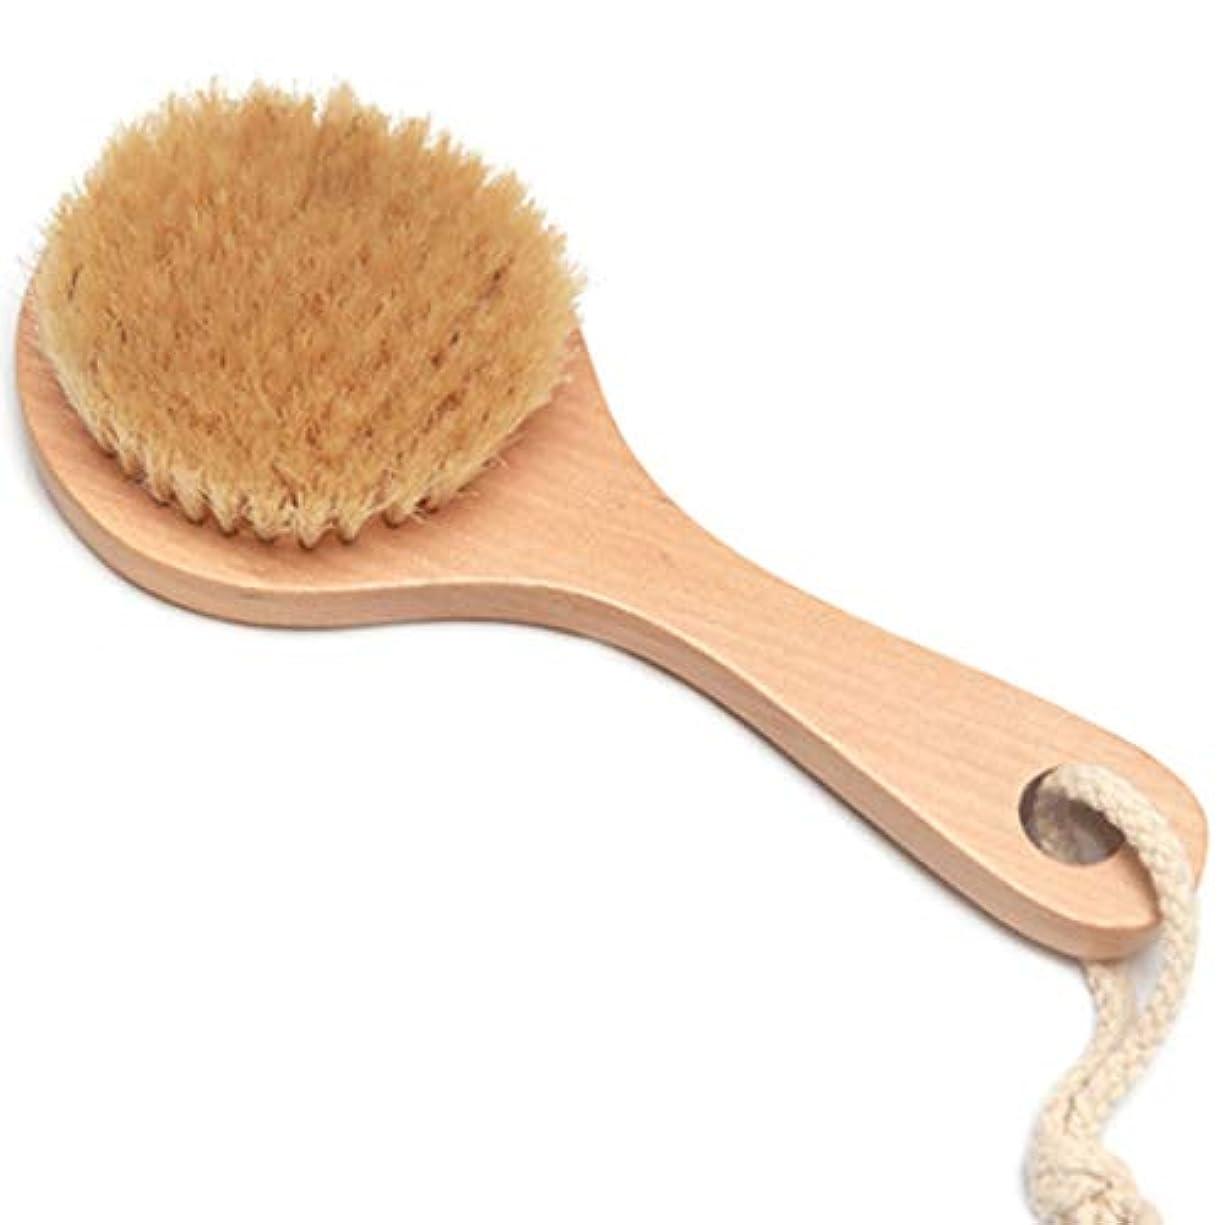 スノーケル長さ個人的なバスブラシバックブラシロングハンドルやわらかい毛髪バスブラシバスブラシ角質除去クリーニングブラシ (Color : Wood color, Size : 20*7.5cm)